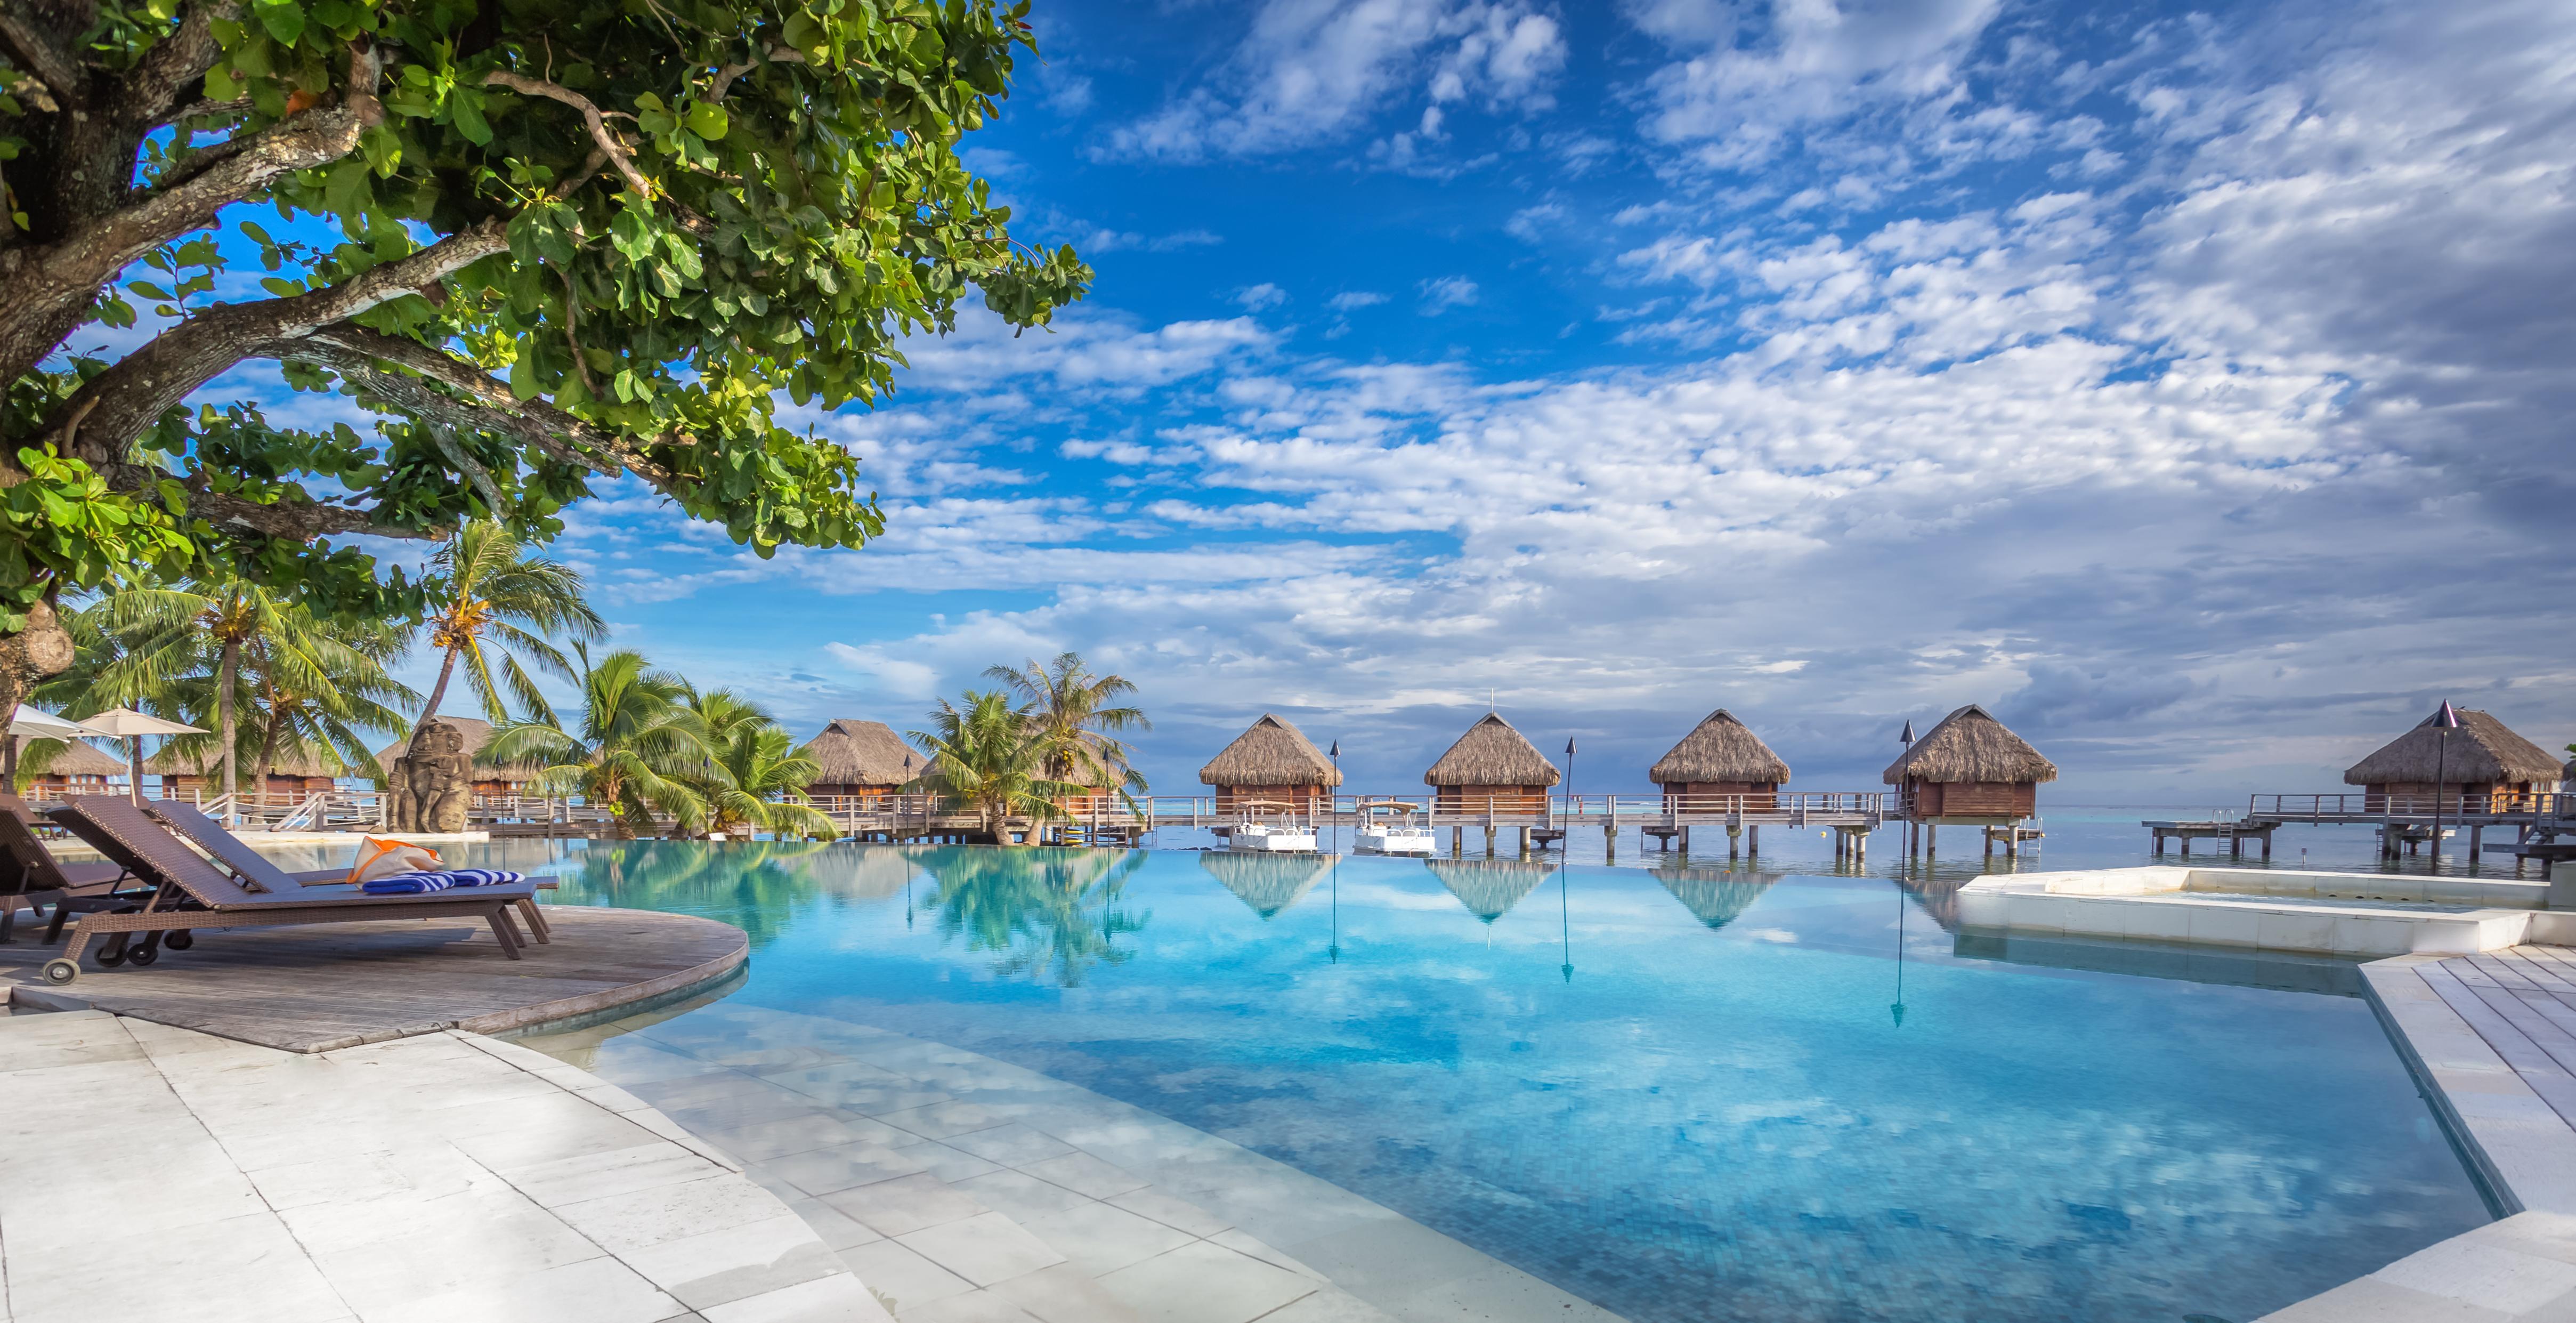 https://tahititourisme.cn/wp-content/uploads/2017/08/HEBERGEMENT-Manava-Beach-Resort-and-Spa-Moorea-1-Charles_Veronese.jpg